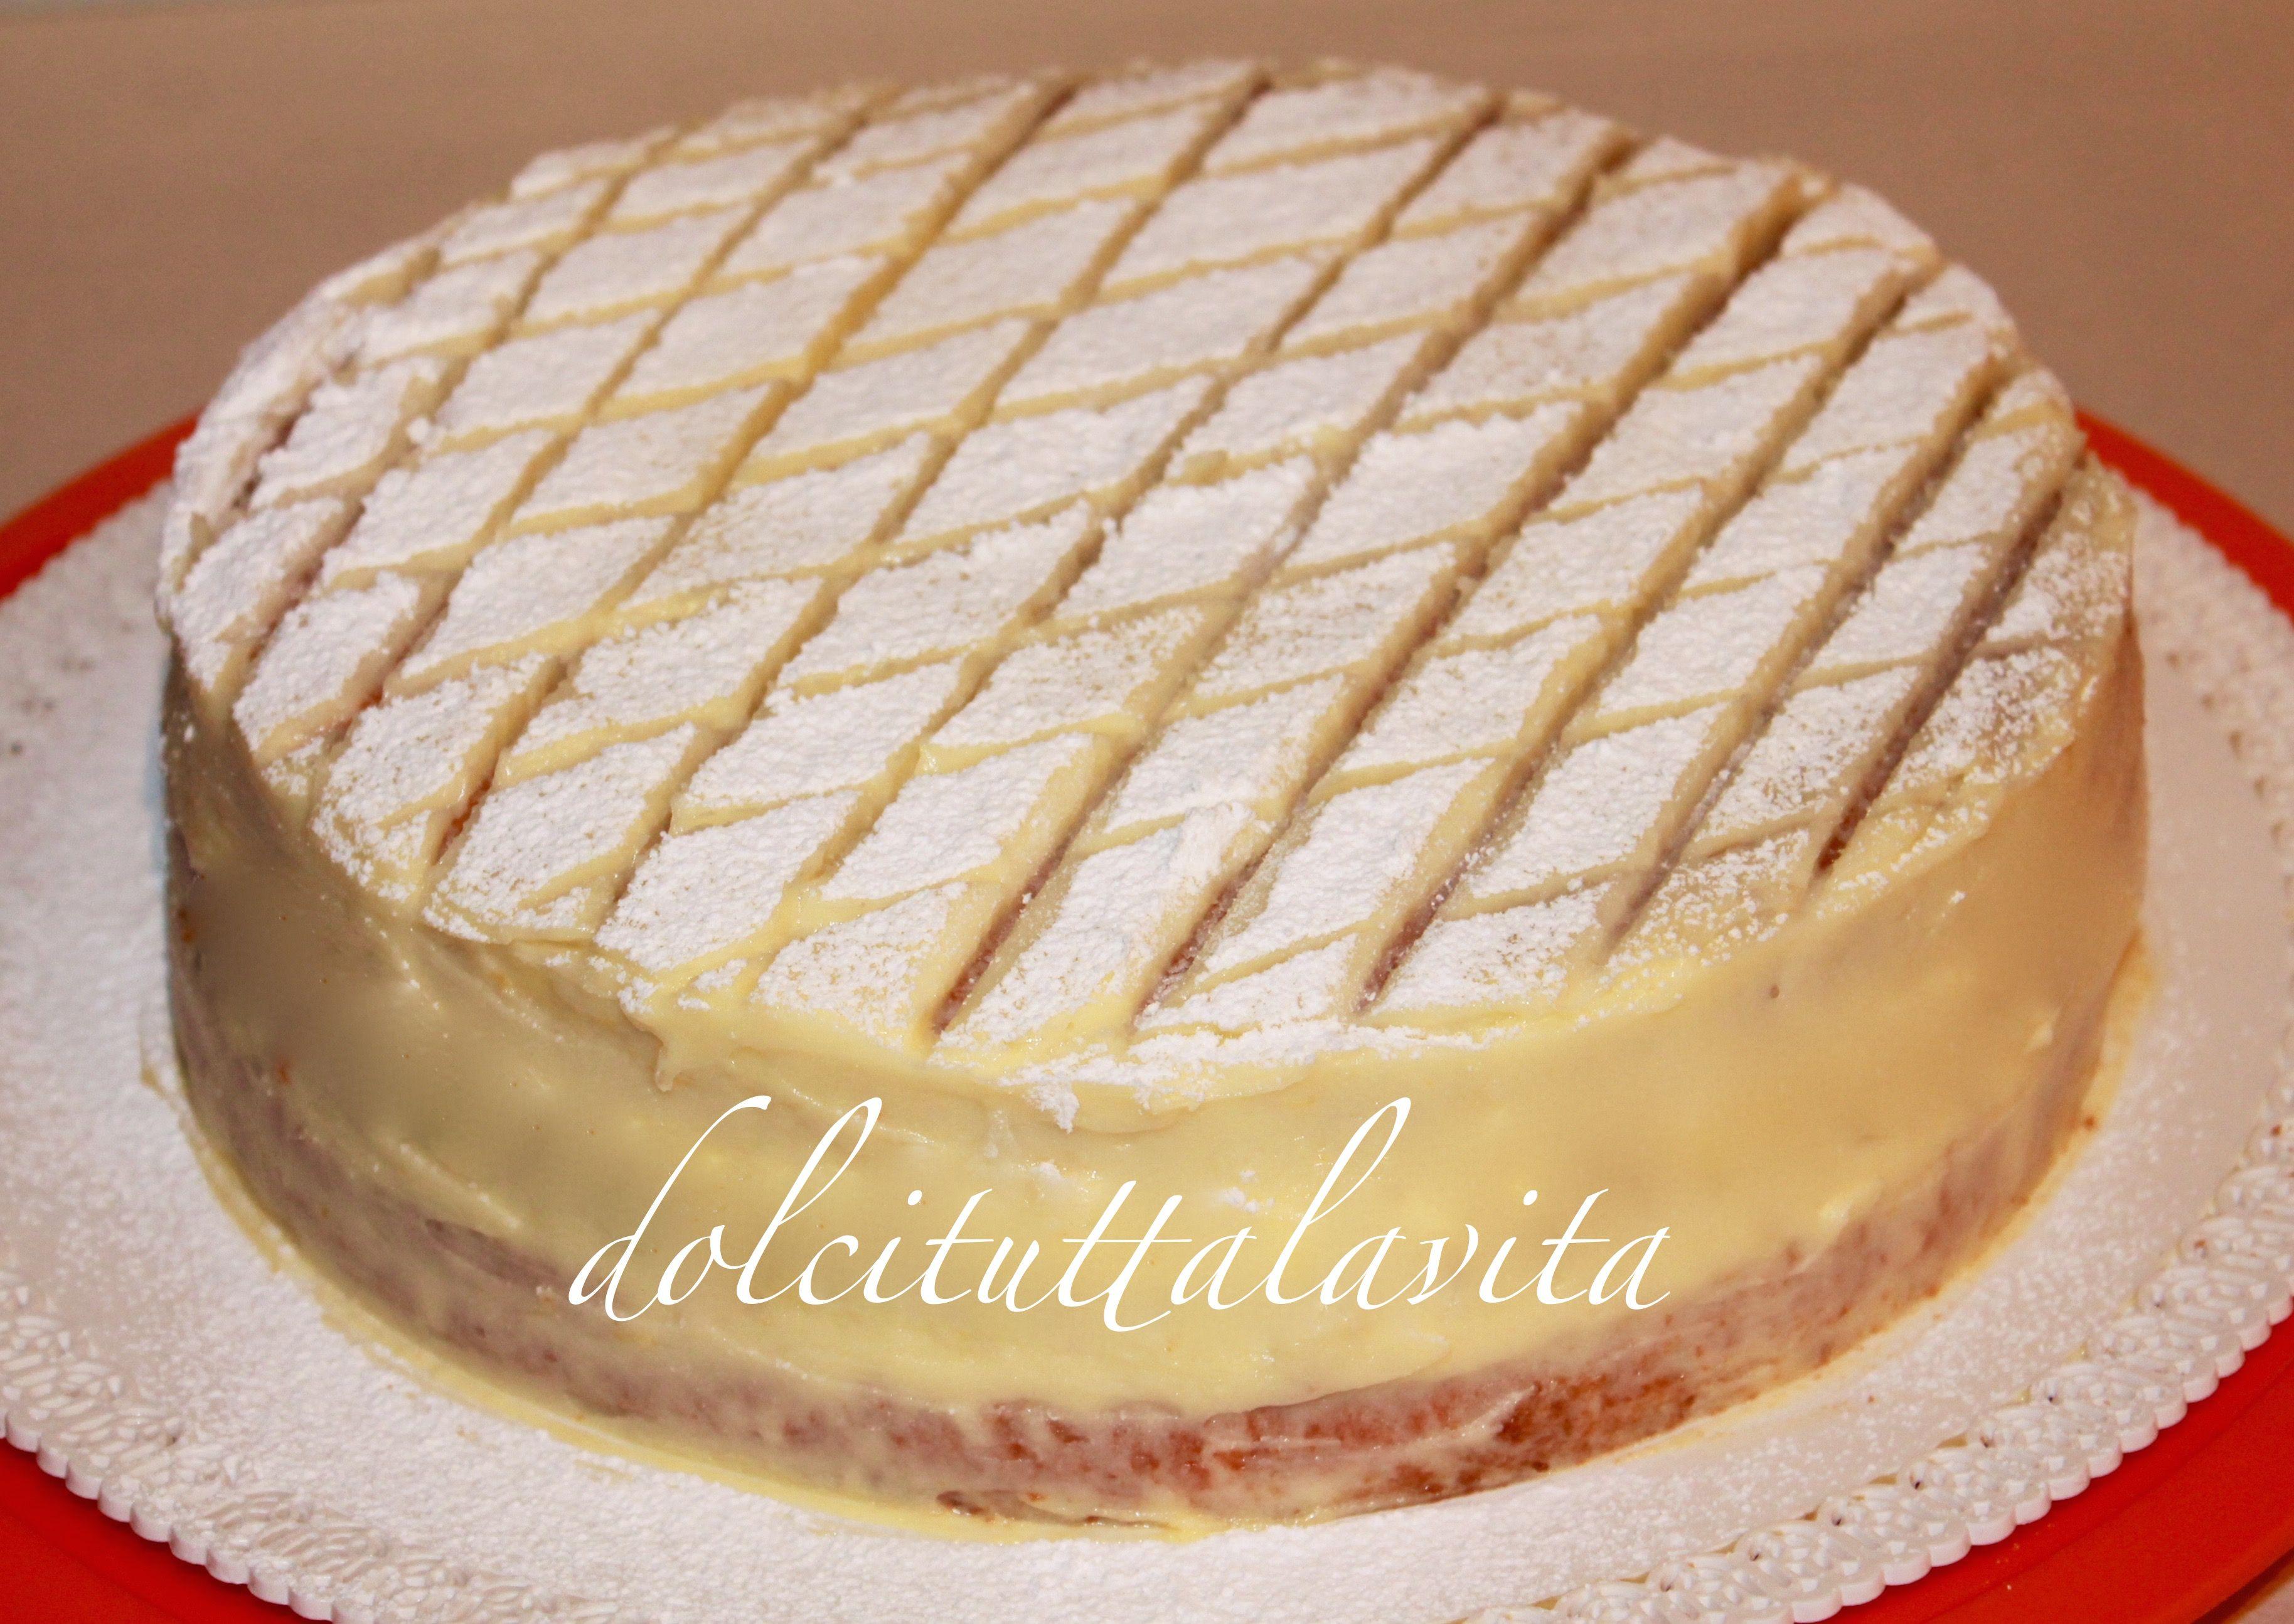 Dolci Da Credenza Iginio Massari : Torta al limone di iginio massari cose da provare desserts